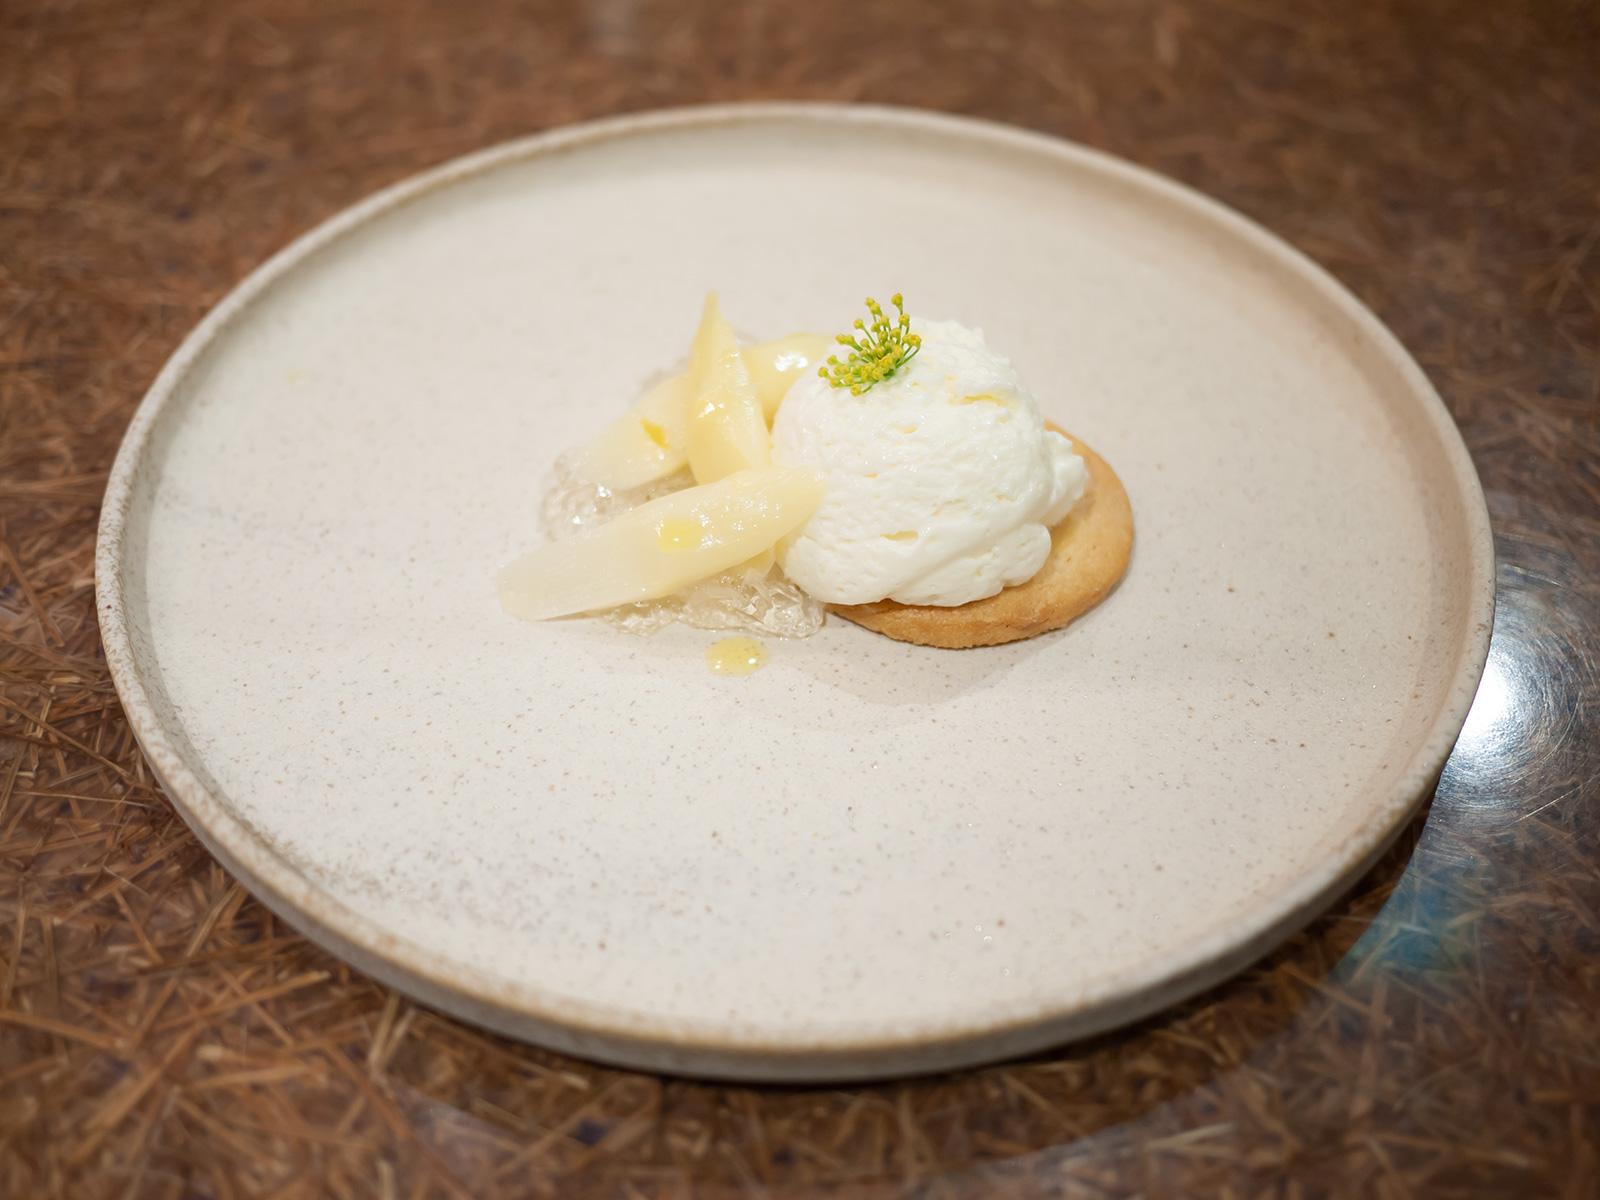 ホワイトアスパラガス レモングラス マカダミアナッツ フロマージュブラン